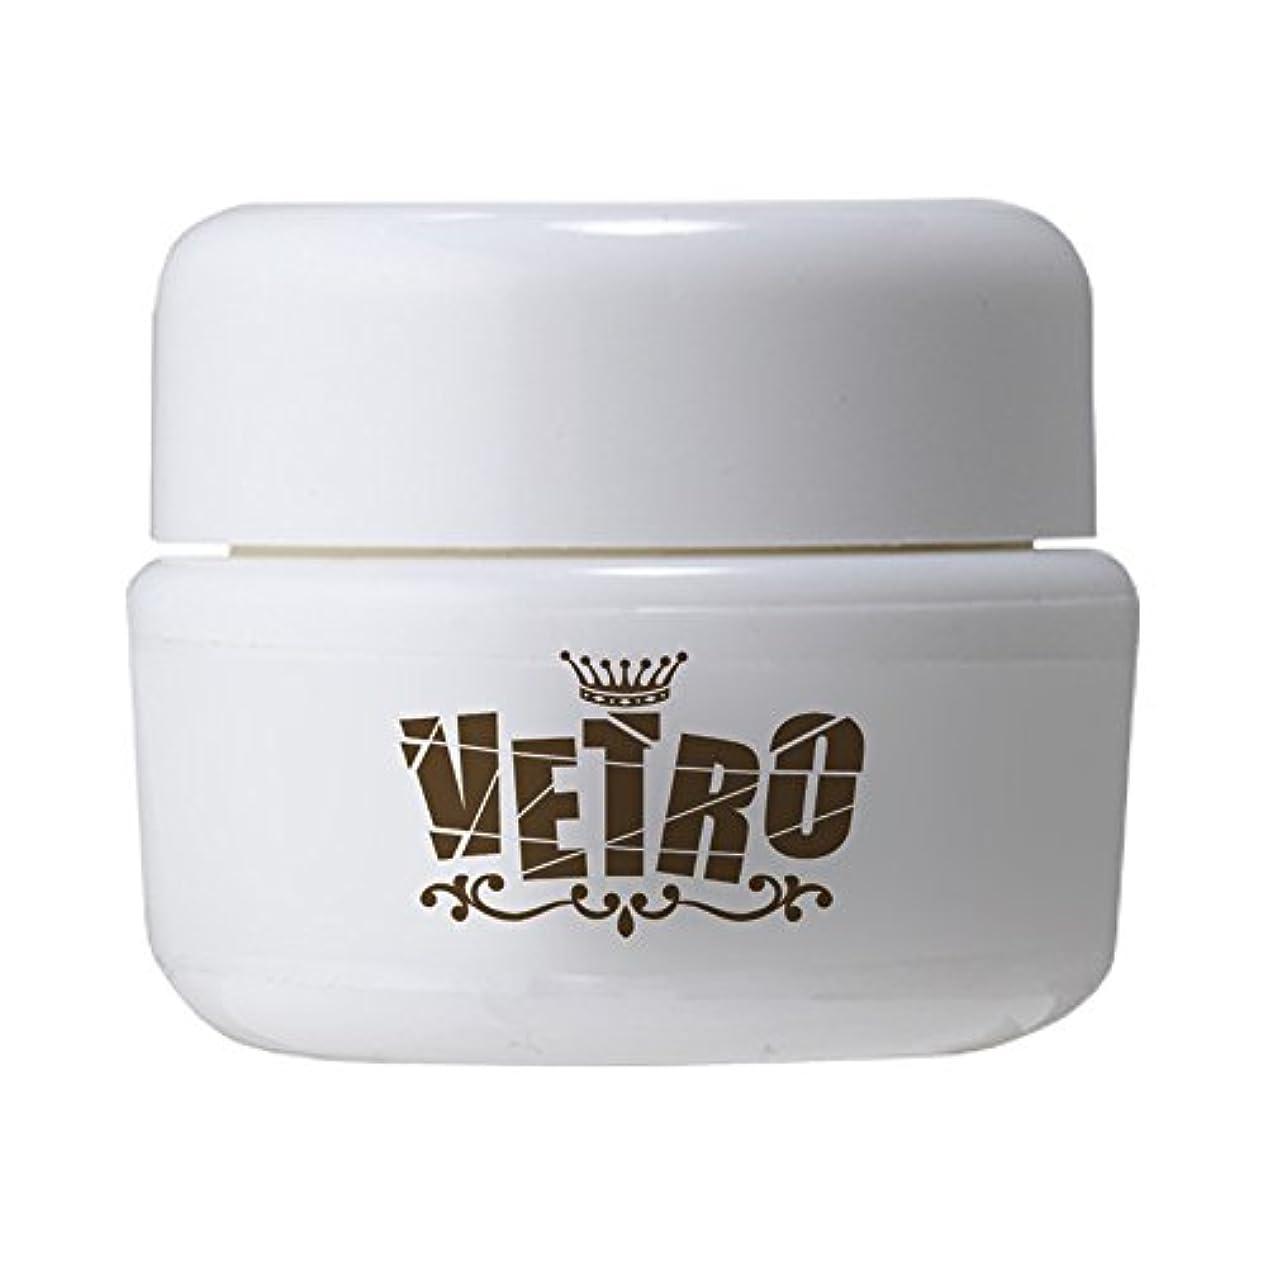 副確認してください請求書VETRO No.19 カラージェル シアー VL212 ミルキーホワイト 4ml